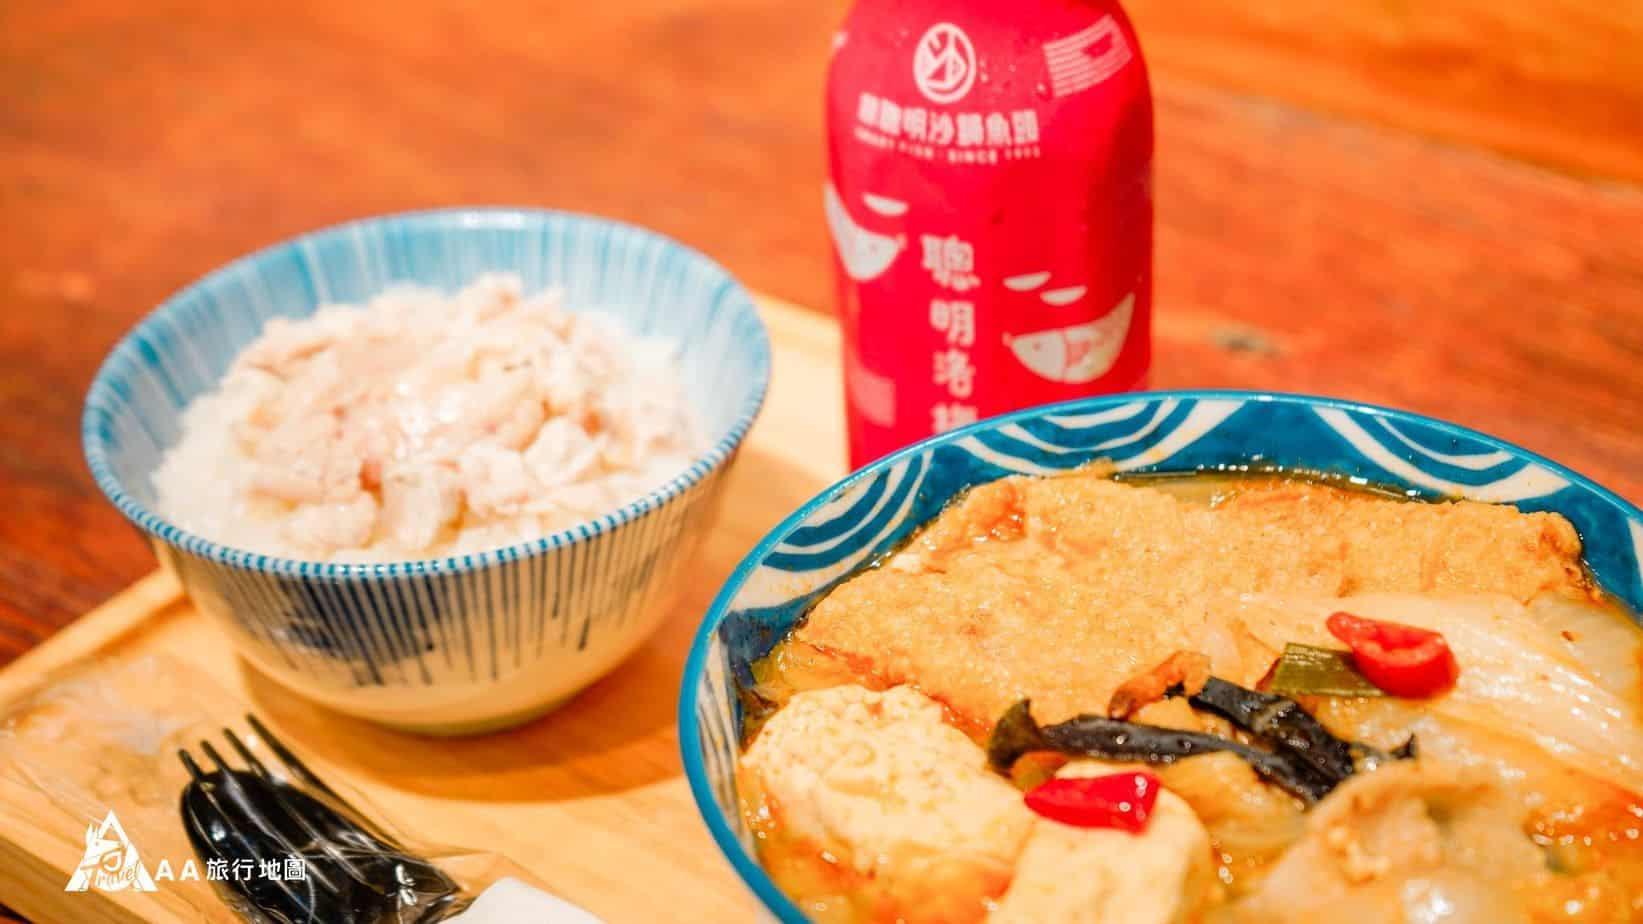 林聰明 標準配備 G肉飯+沙鍋菜+涼的